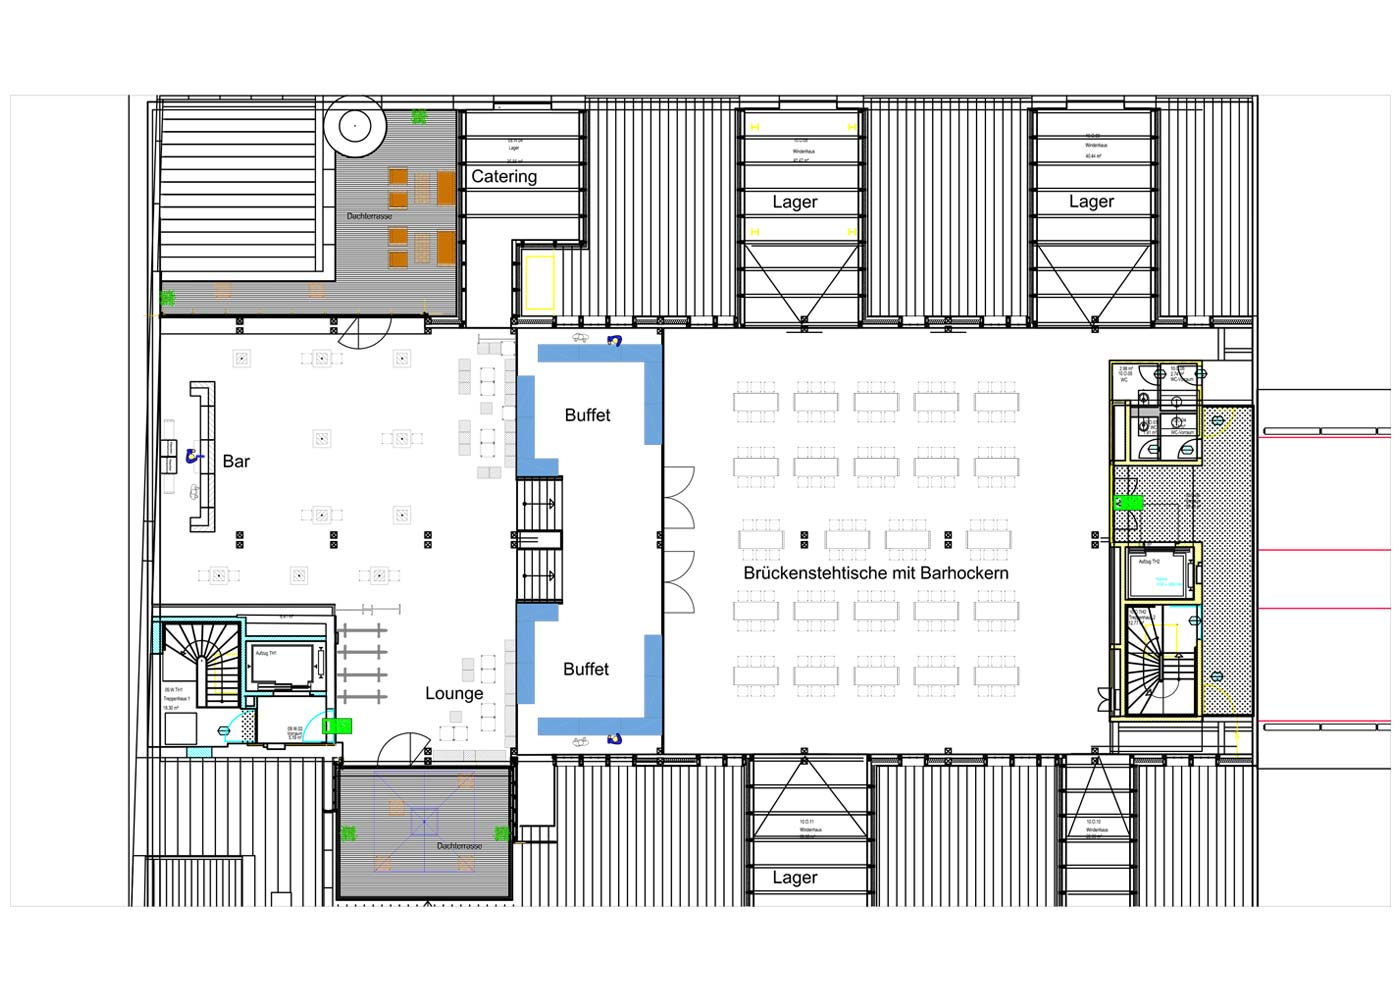 Grundriss Deck 10 Lounge und Brücken